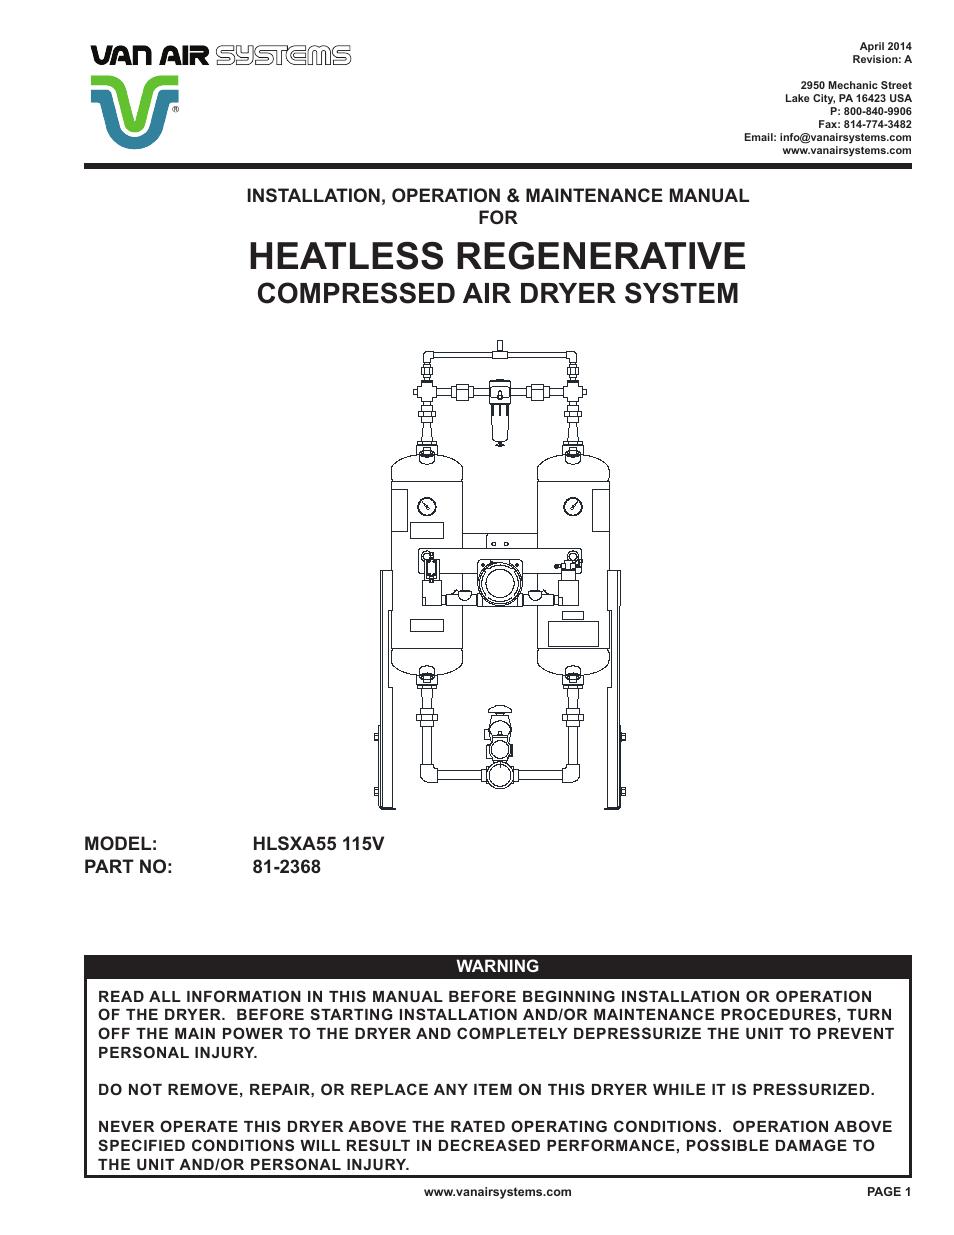 Ood Fee Installation Maintenae Repair Michaelieclark Vanair Wiring Diagram Page 272